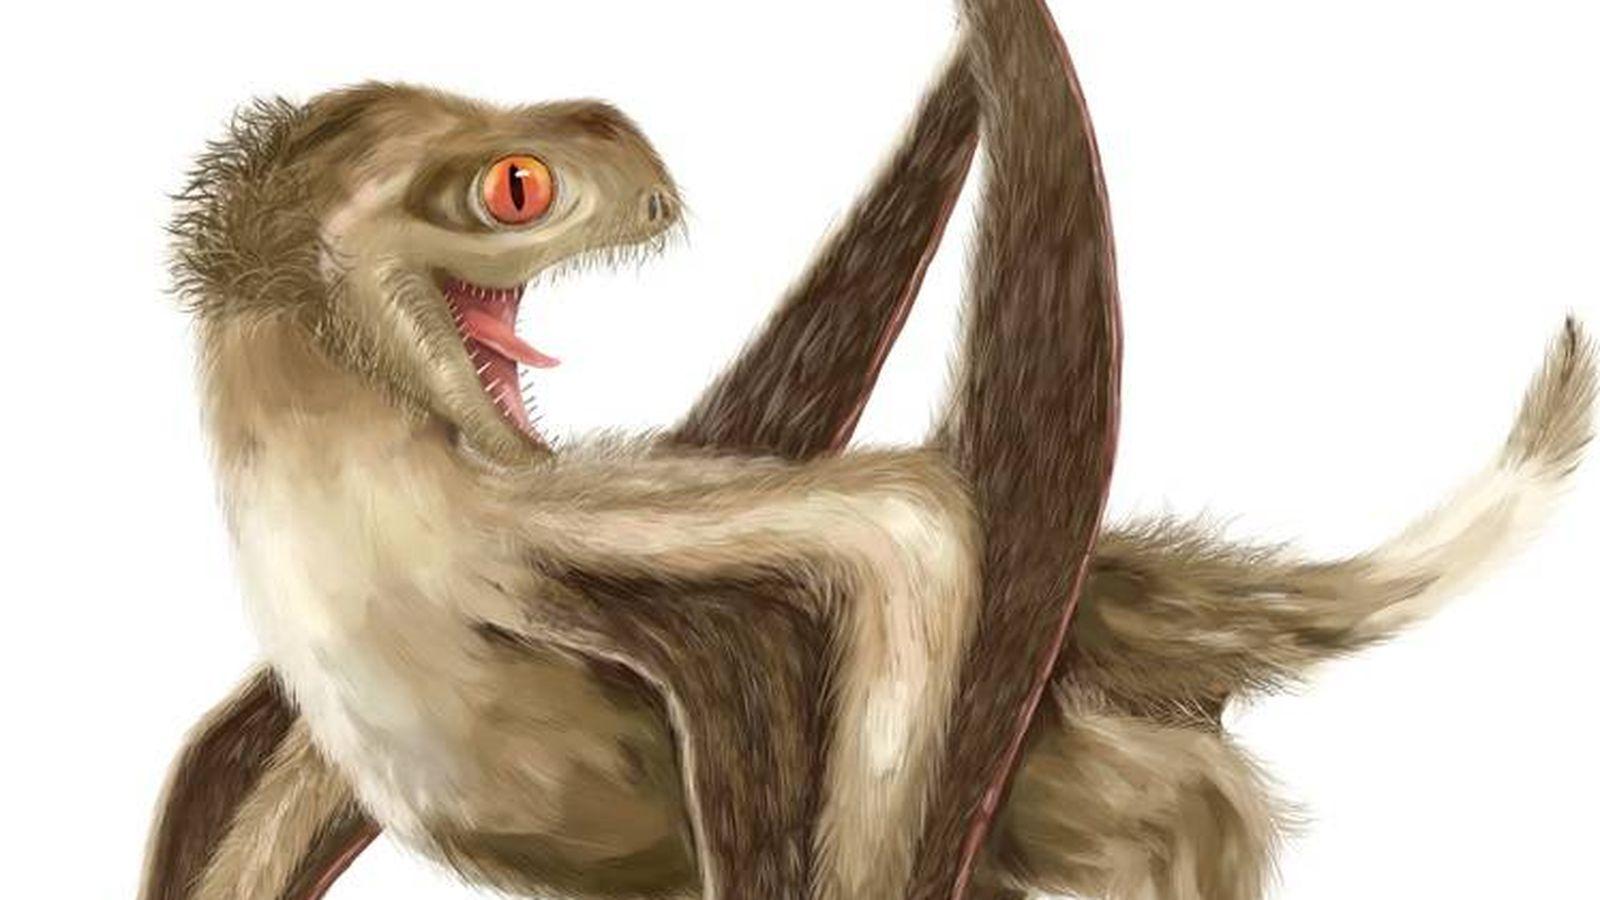 Queda Algun Dinosaurio Que No Tenga Plumas Este Polluelo Se Une A La Lista Juega a dinosaurios listos ahora. dinosaurio que no tenga plumas